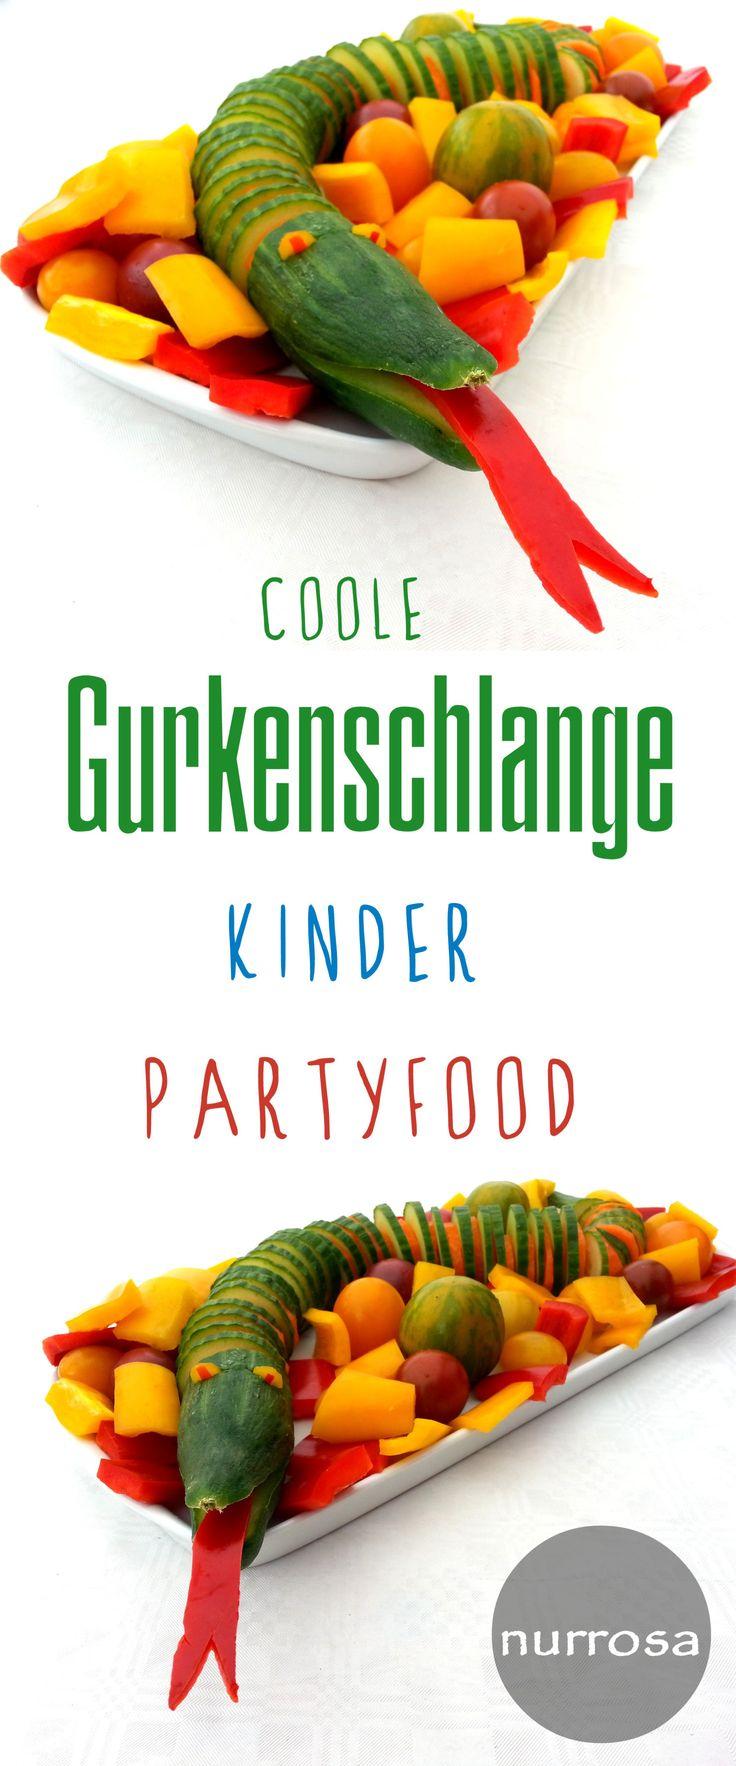 Gurkenschlange Kinder Partyfood #vegan #vegetarisch #Rezept #Party #Kinder #Food #Kids #Geburtstag #Buffet #Kindergarten #Partyfood